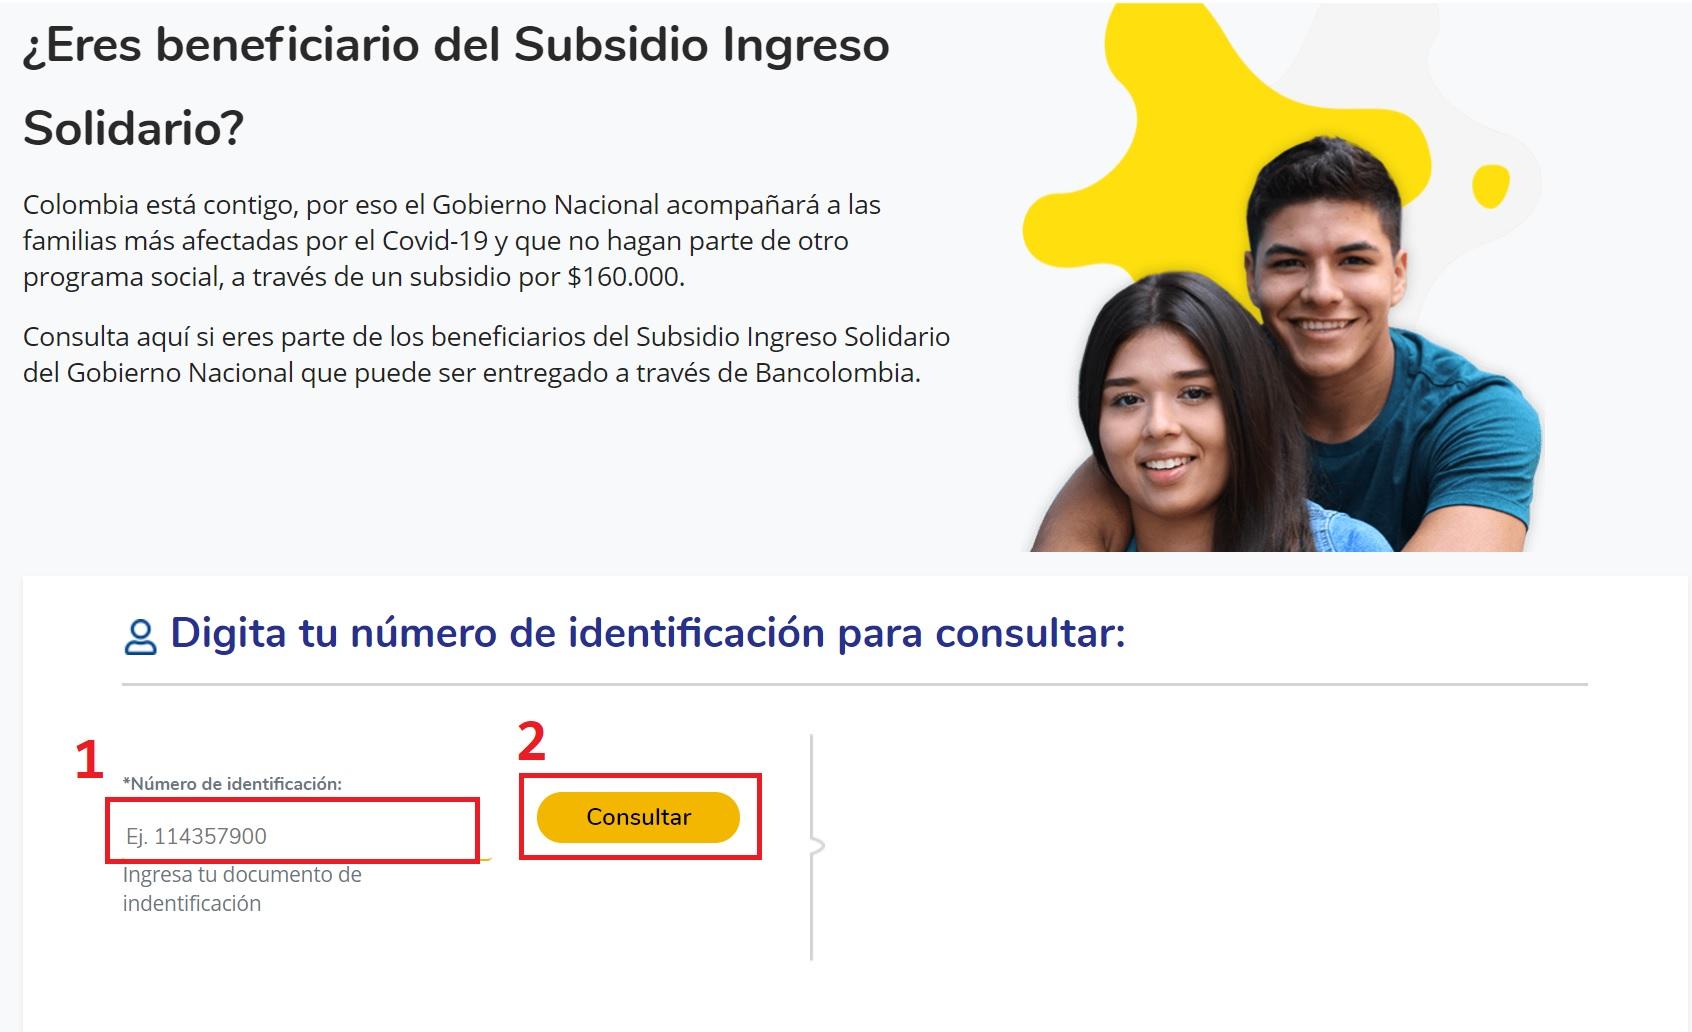 ingreso solidario bancolombia